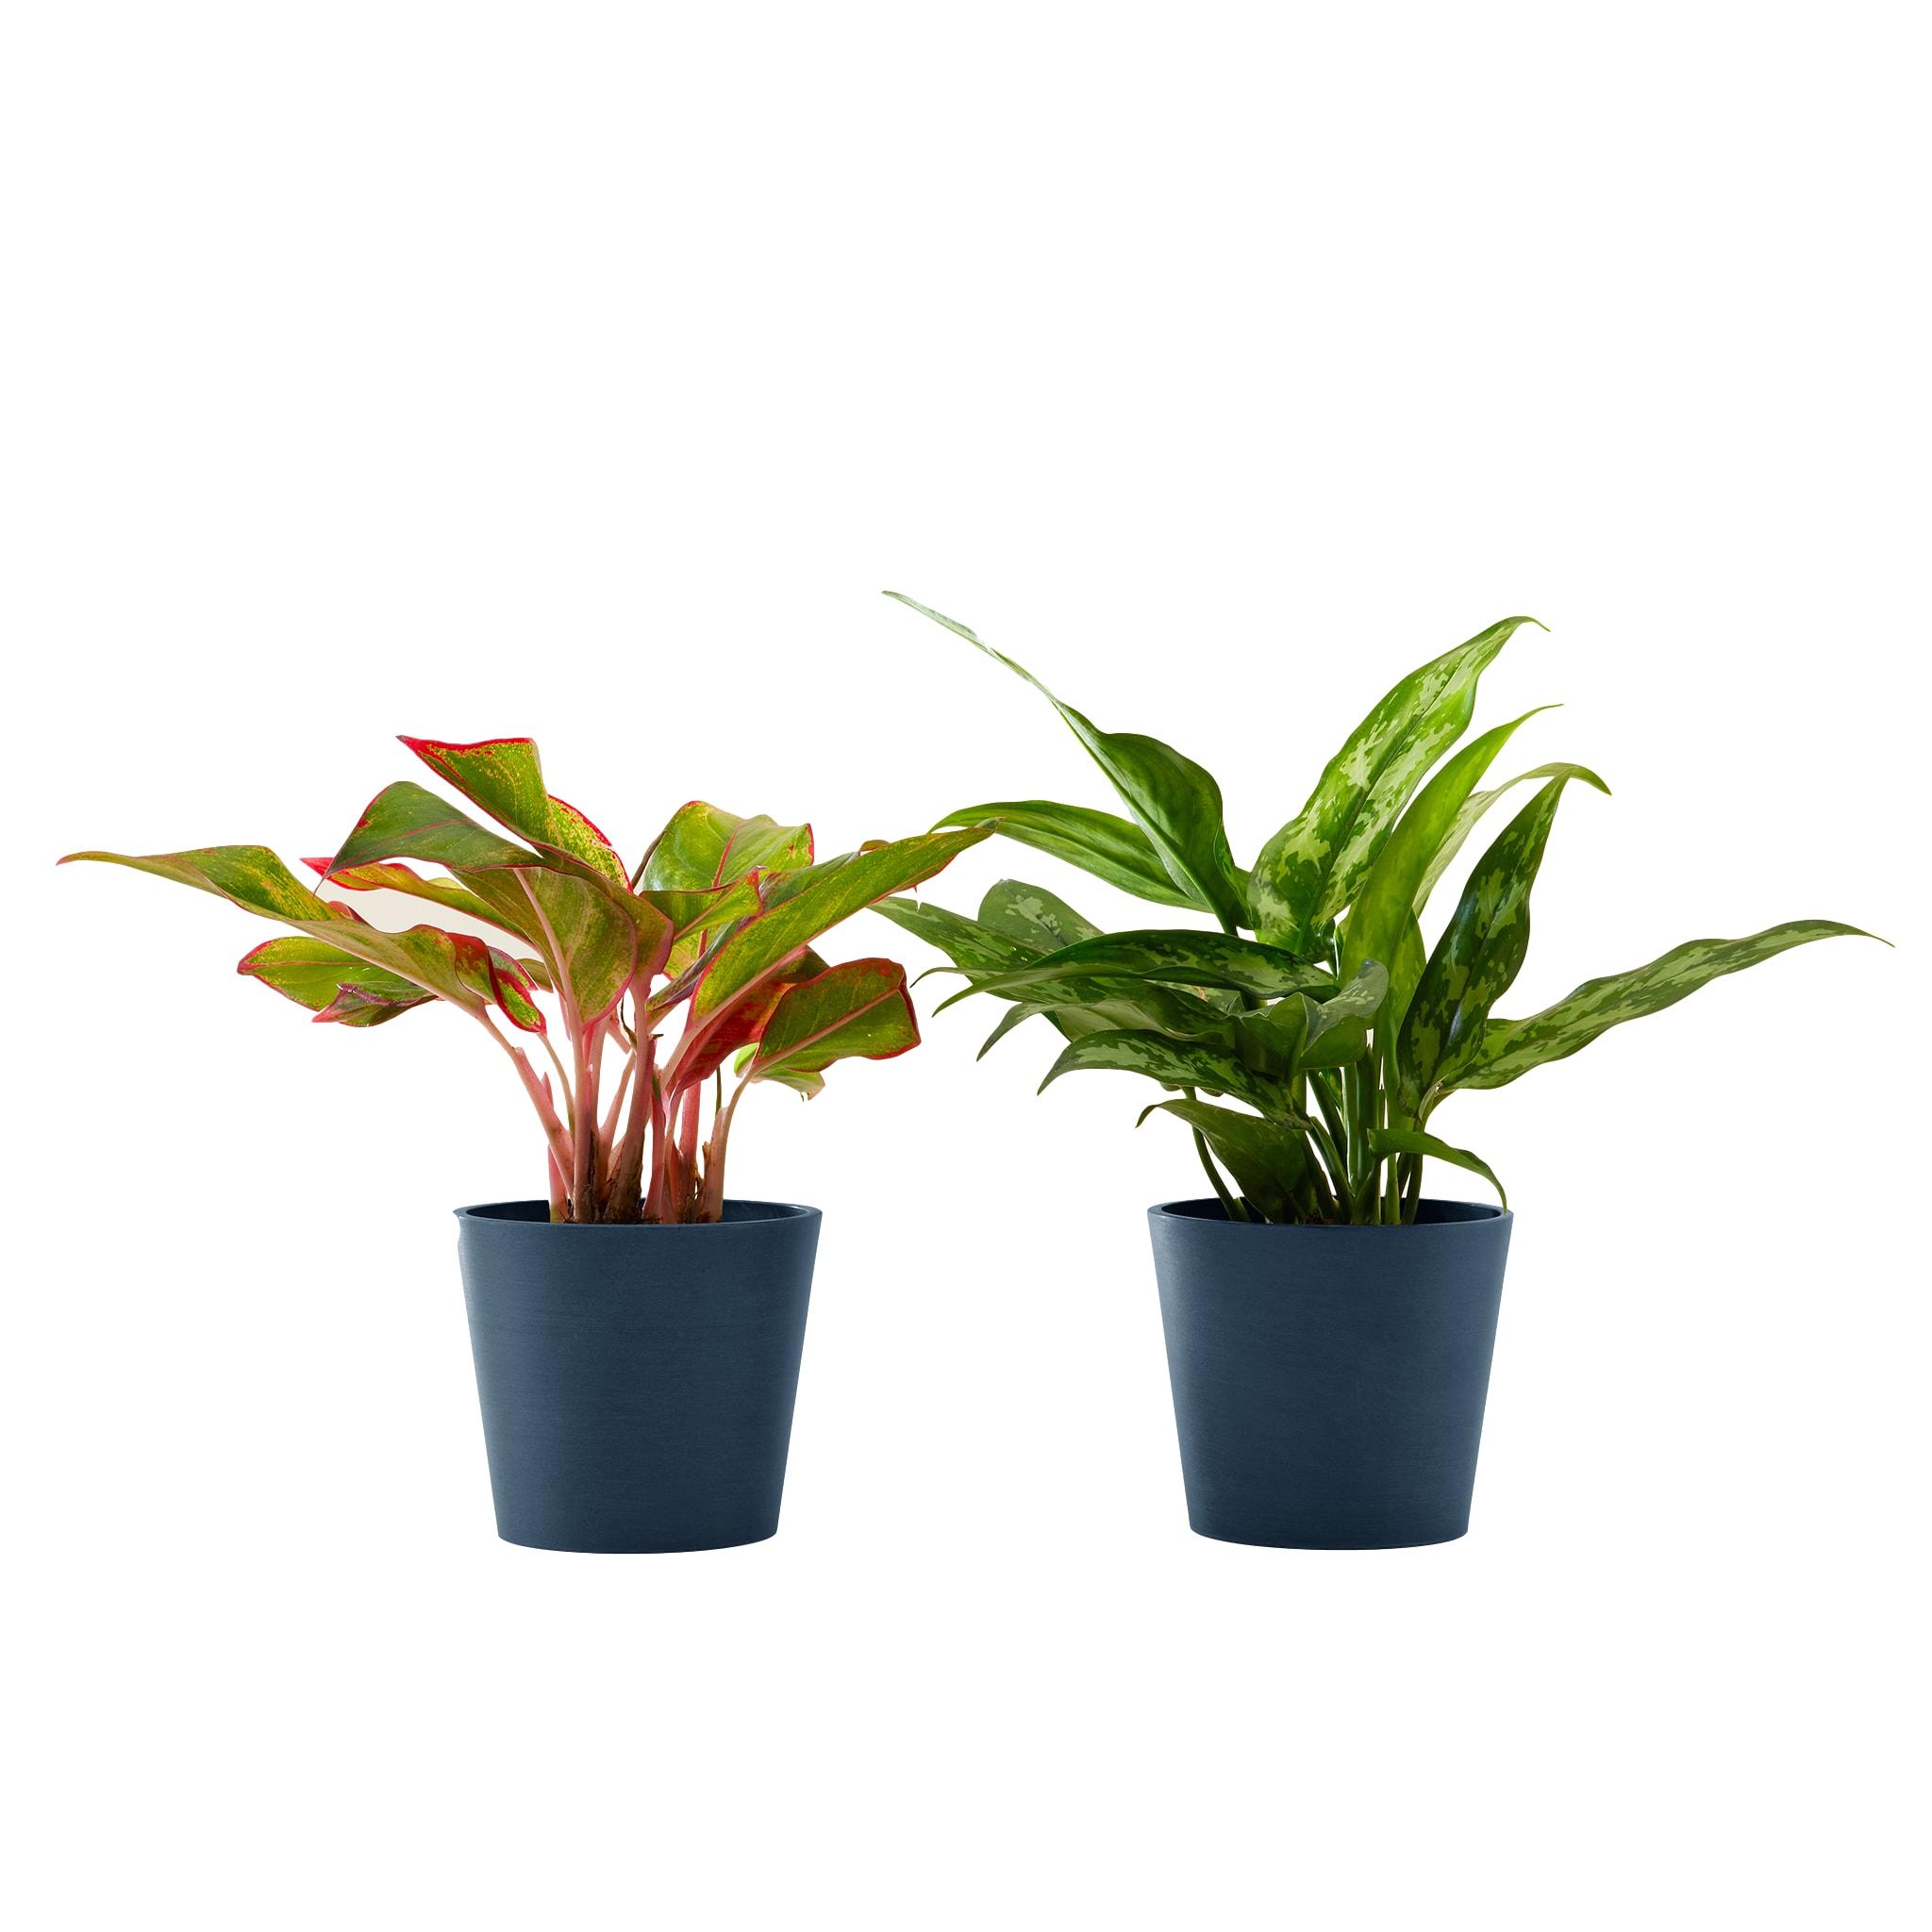 Plante d'intérieur - Duo d'aglaonema 25 cm en pot bleu nuit